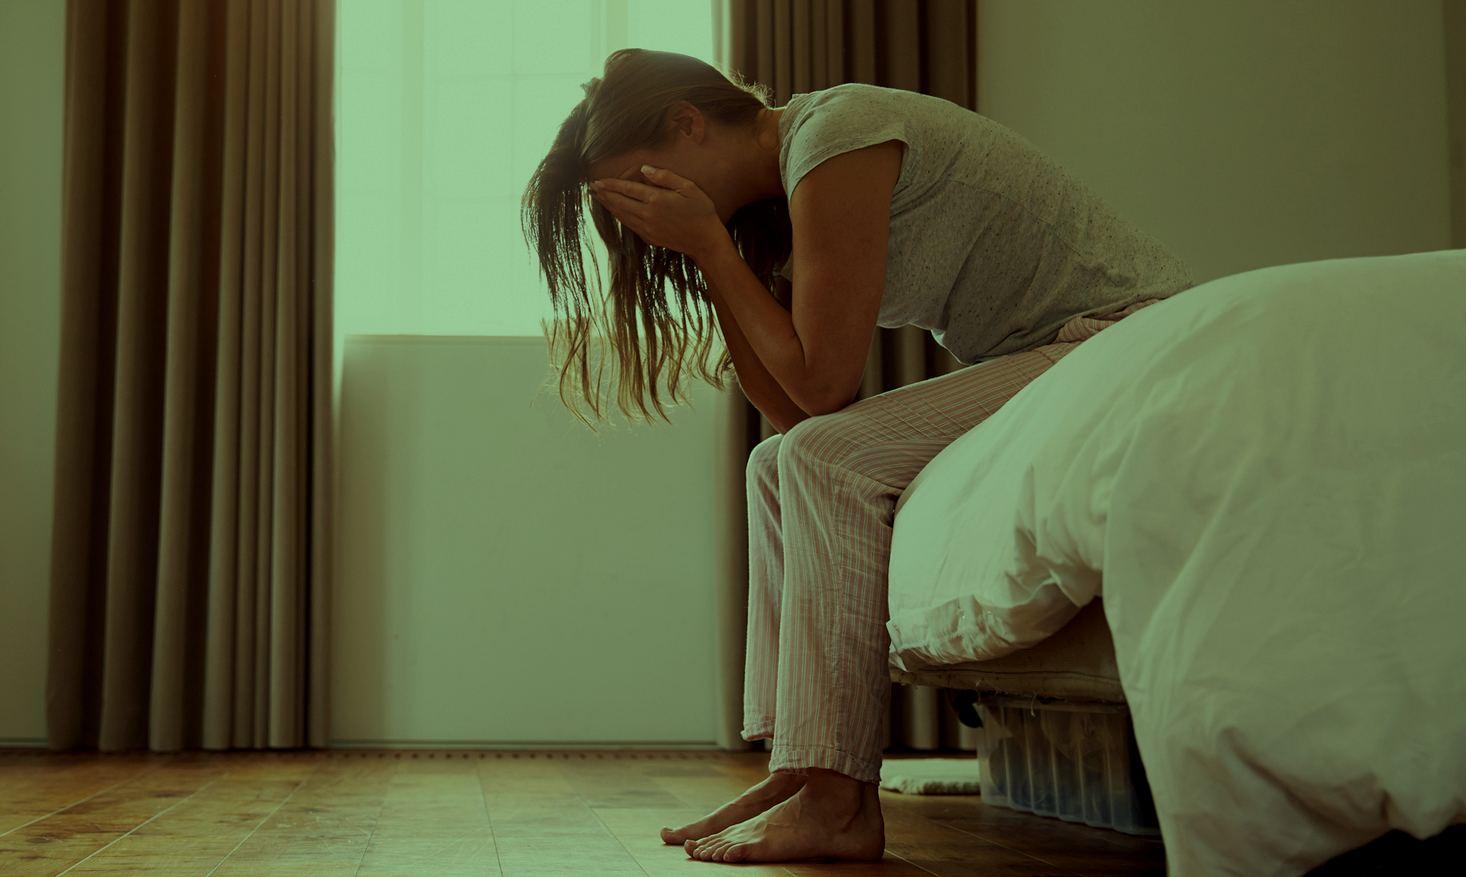 La importancia del sueño y los terribles efectos de no dormir bien